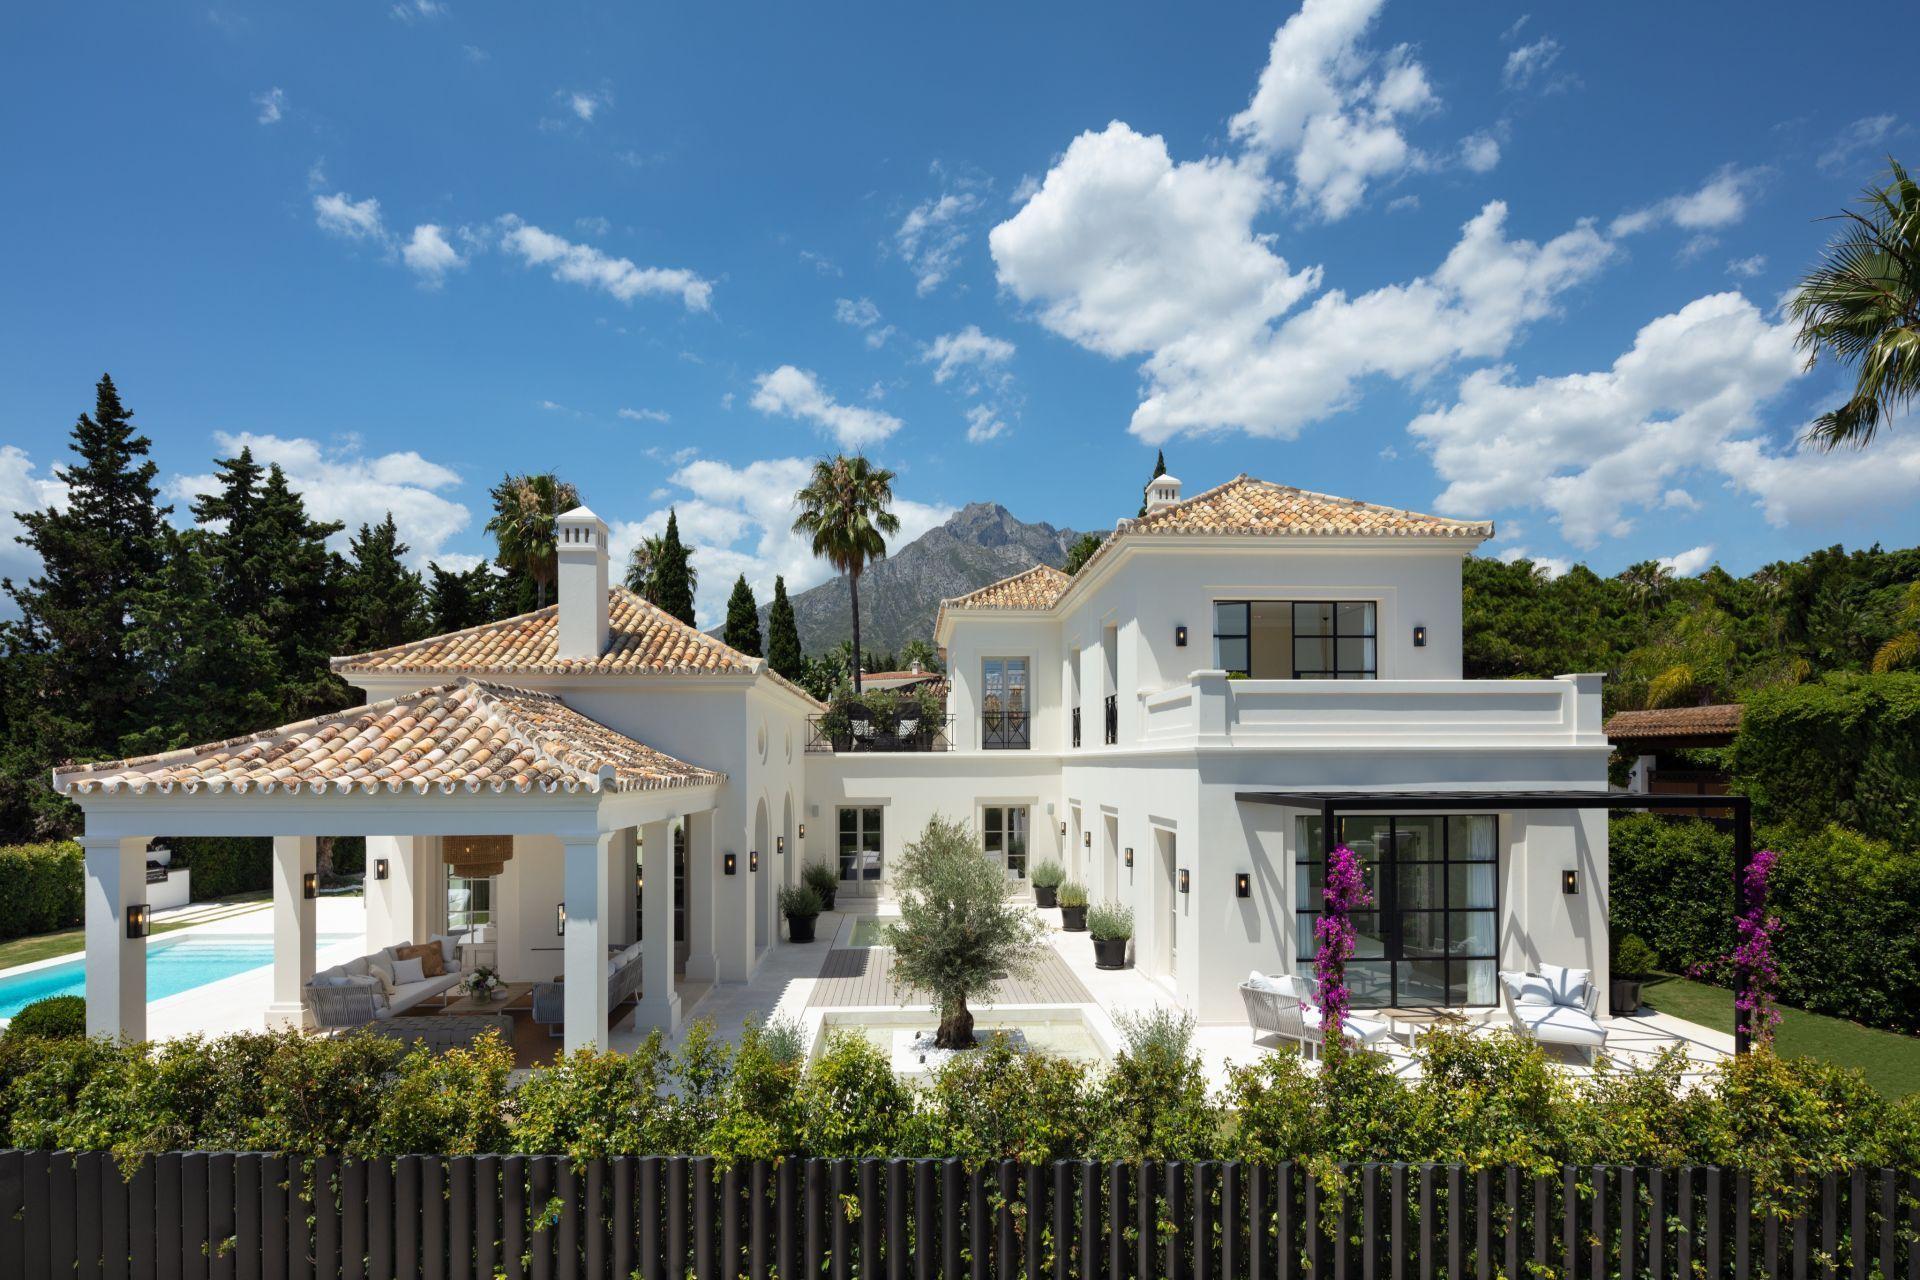 Villa de Lujo en Marbella, Naguelles - Sierra Blanca, venta